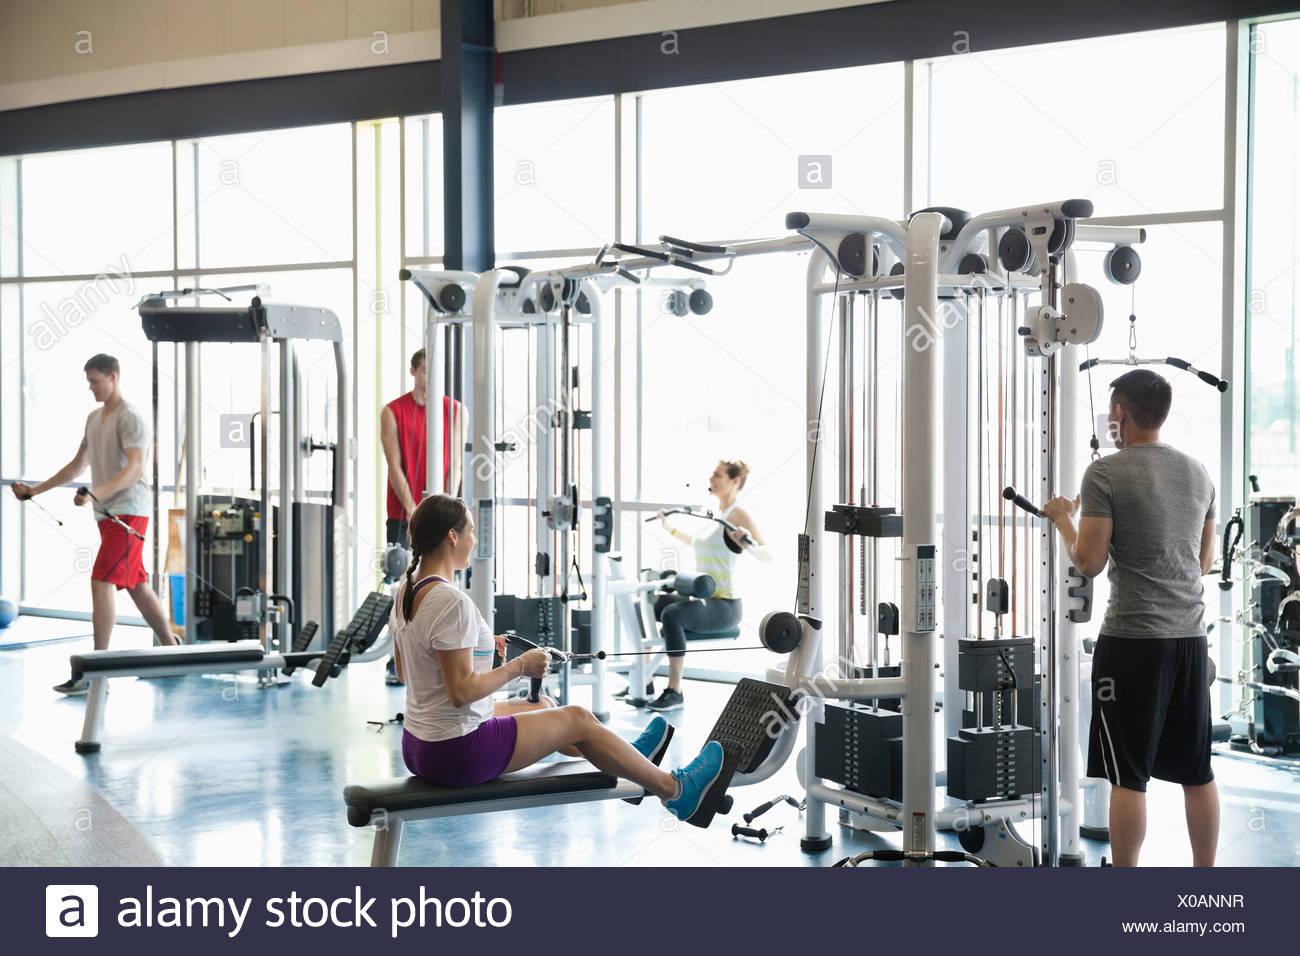 Les gens à l'aide d'appareils de musculation en centre de remise en forme Photo Stock